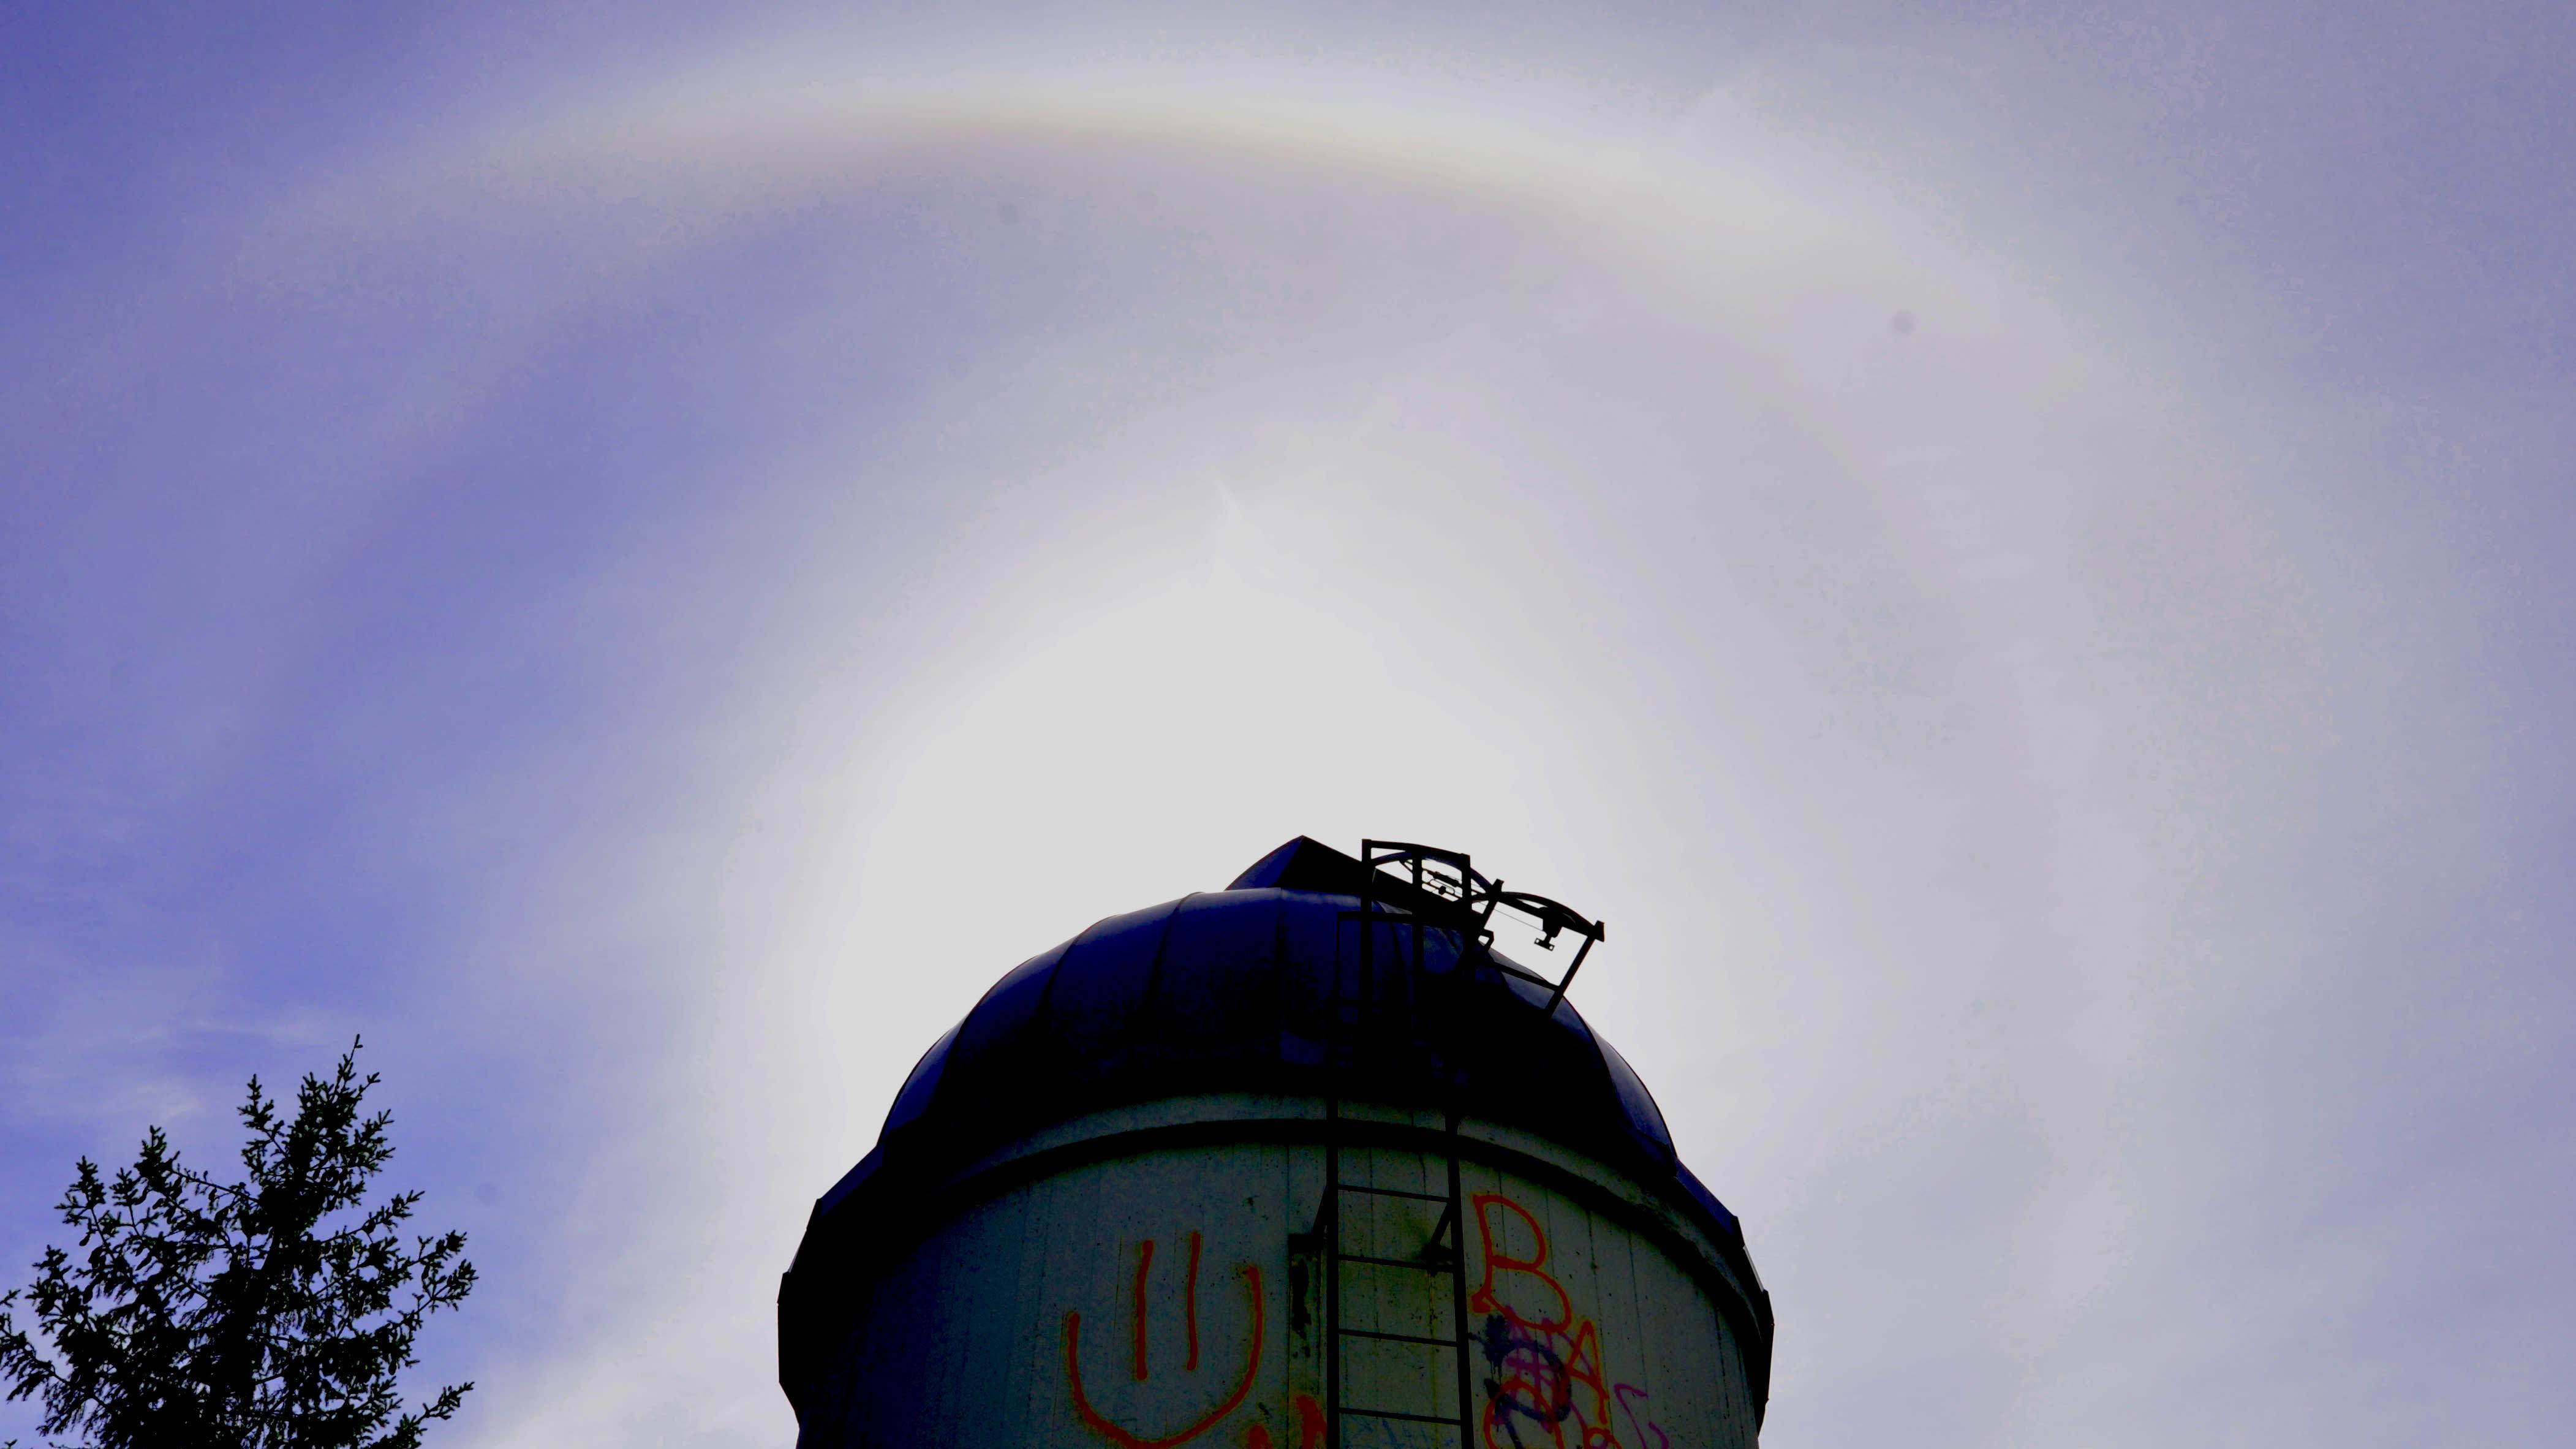 Rihlaperän tähtitorni, Jyväskylä. Tornin yllä taivaalla suuri haloilmiö.